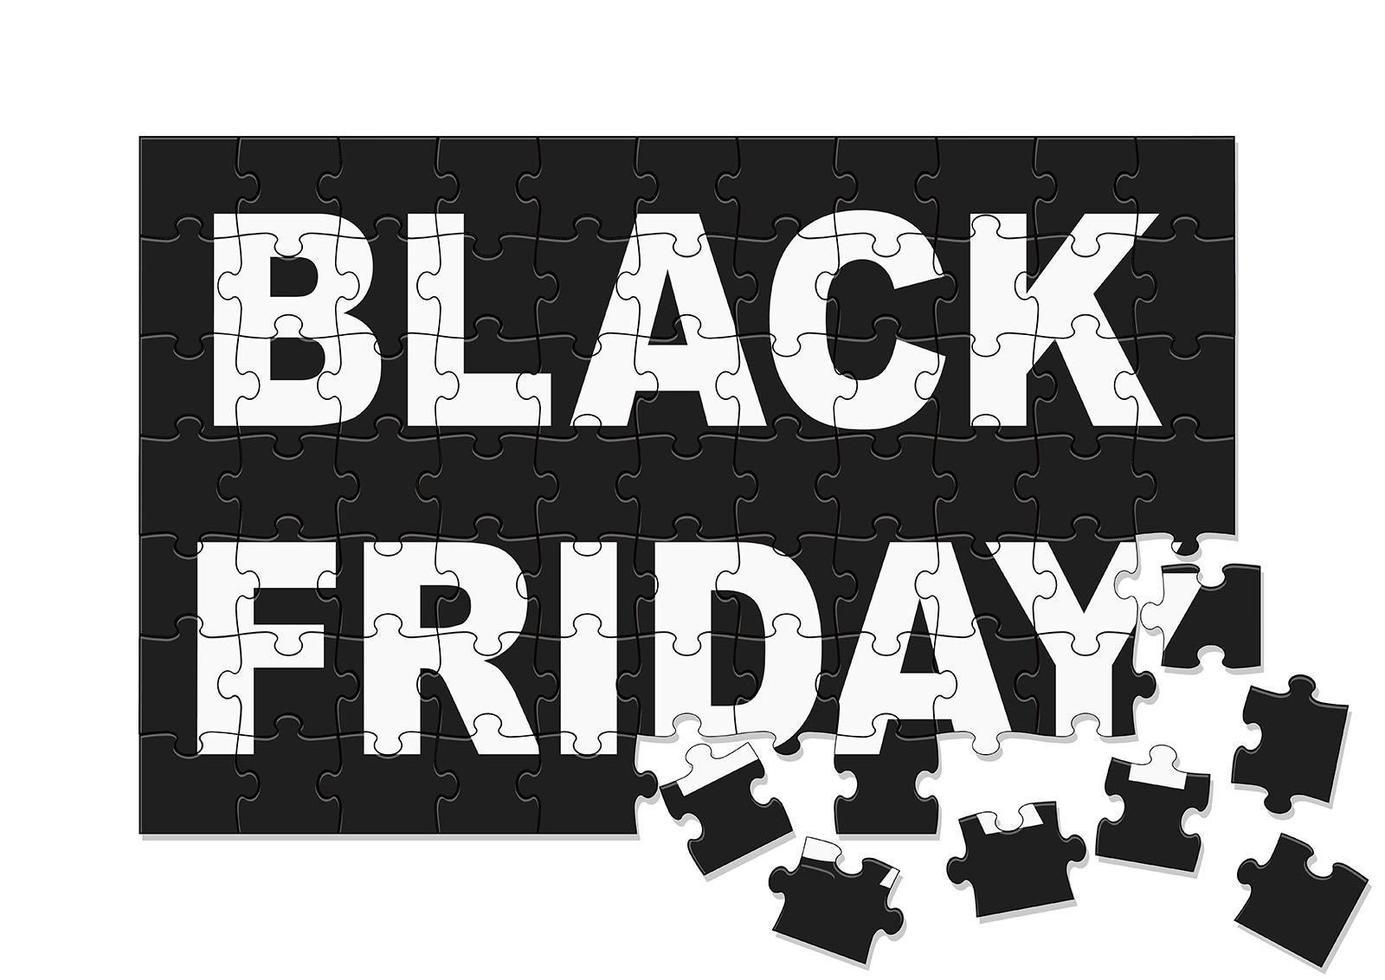 schwarzer Freitag Verkauf Puzzleteile Design vektor